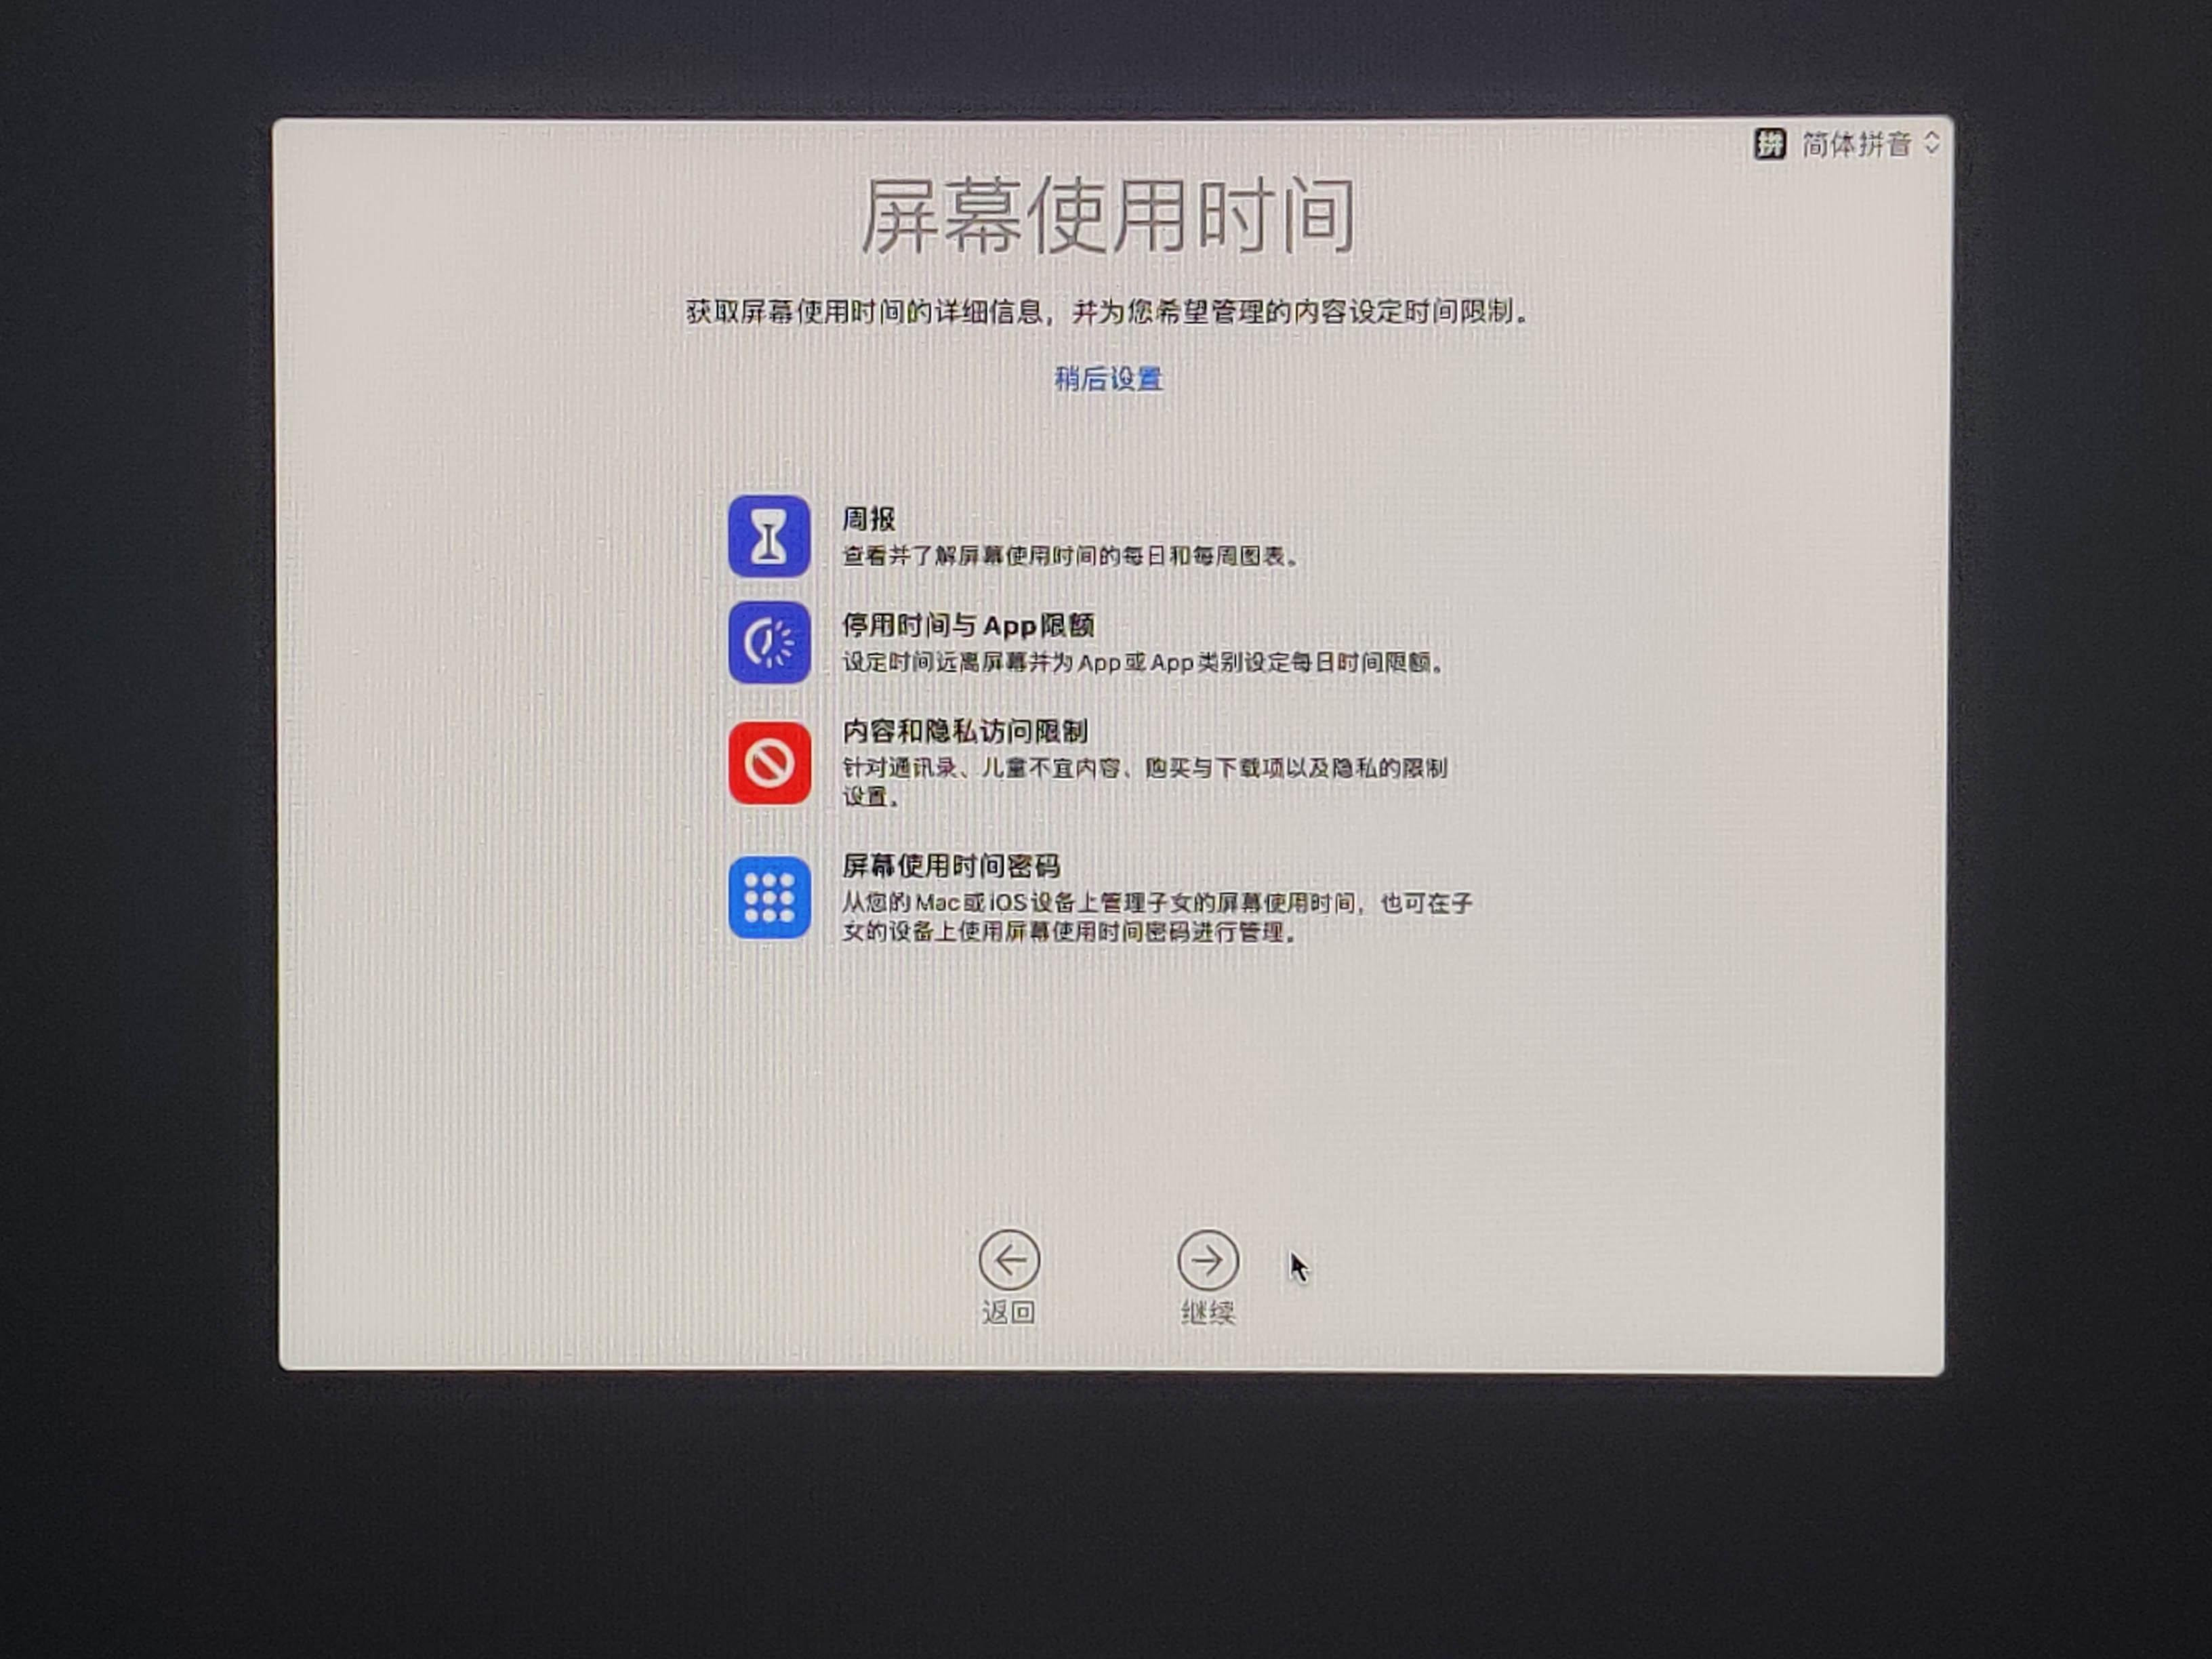 小米笔记本 Pro 如何安装 黑苹果 + Win10 双系统教程插图47